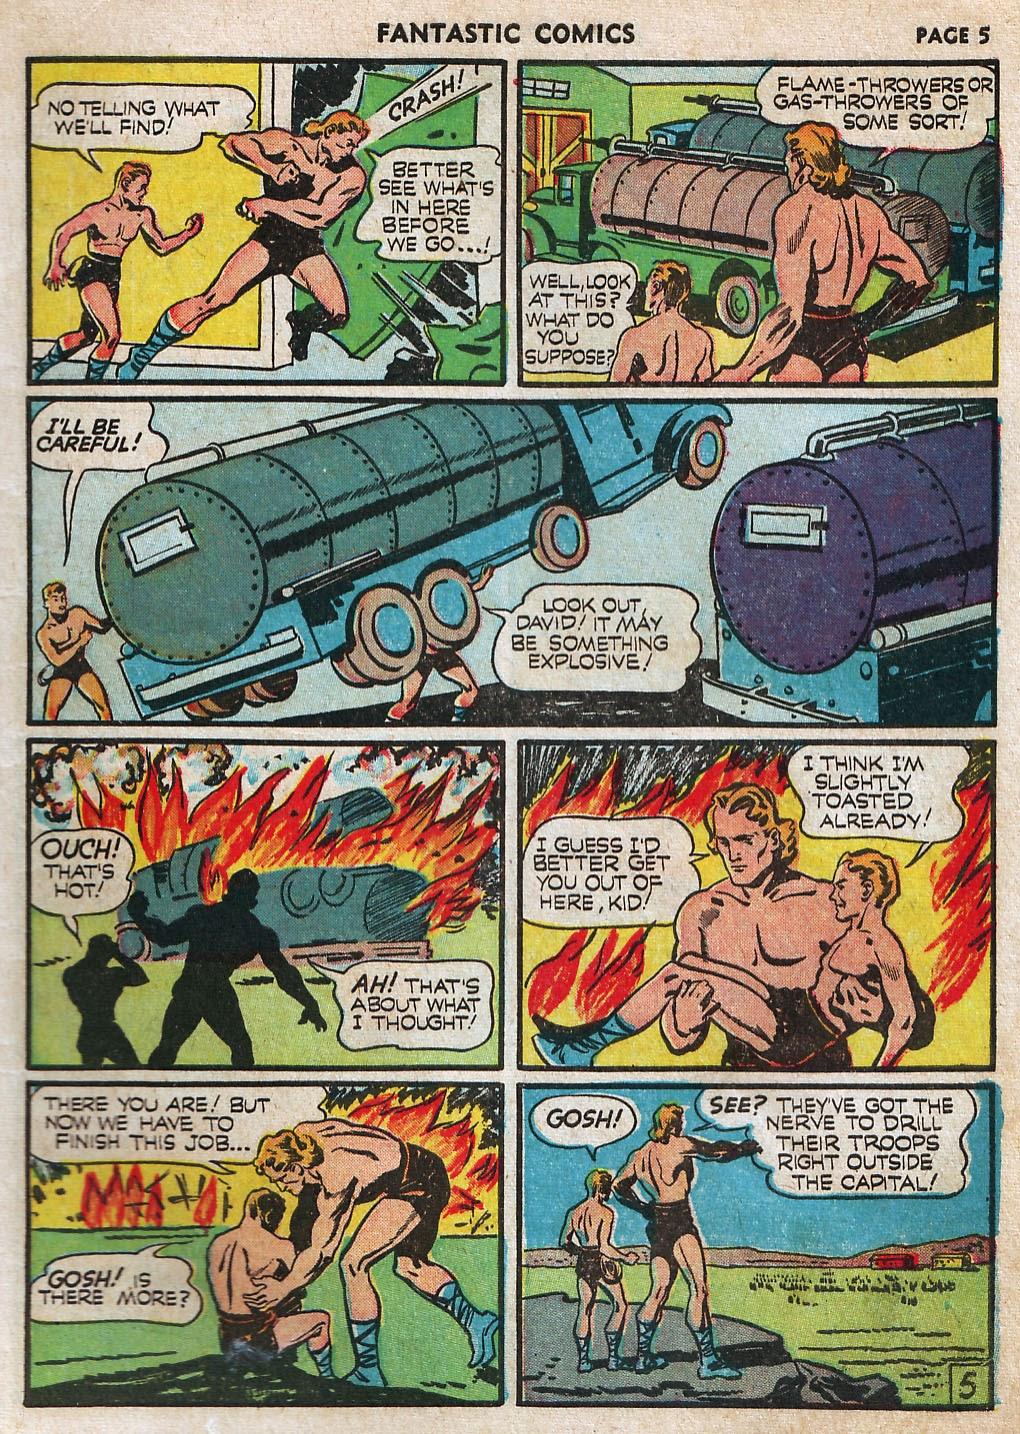 Read online Fantastic Comics comic -  Issue #17 - 7